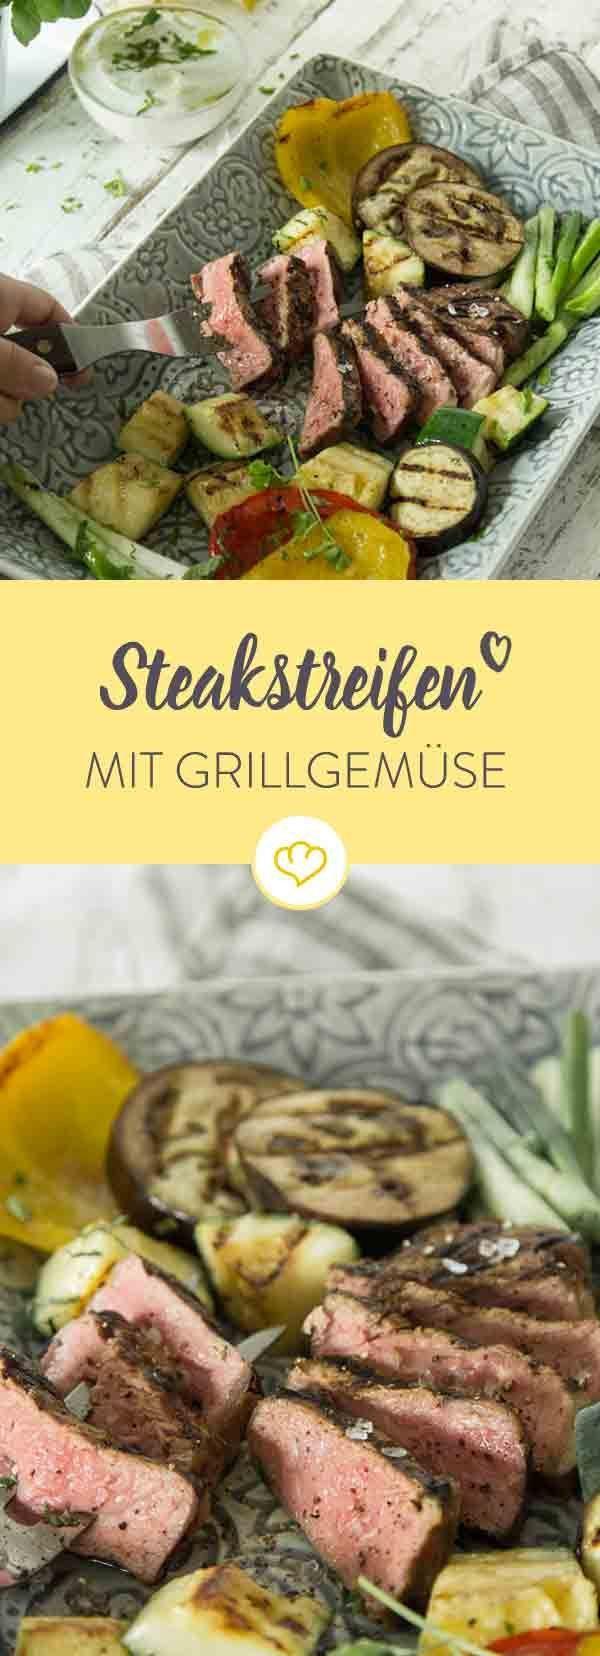 Zück die Gabel und schnapp dir von der Grillplatte, was du am liebsten isst: Knackige Zucchini, Aubergine, Paprika oder zarte Steakstreifen vom Rind.